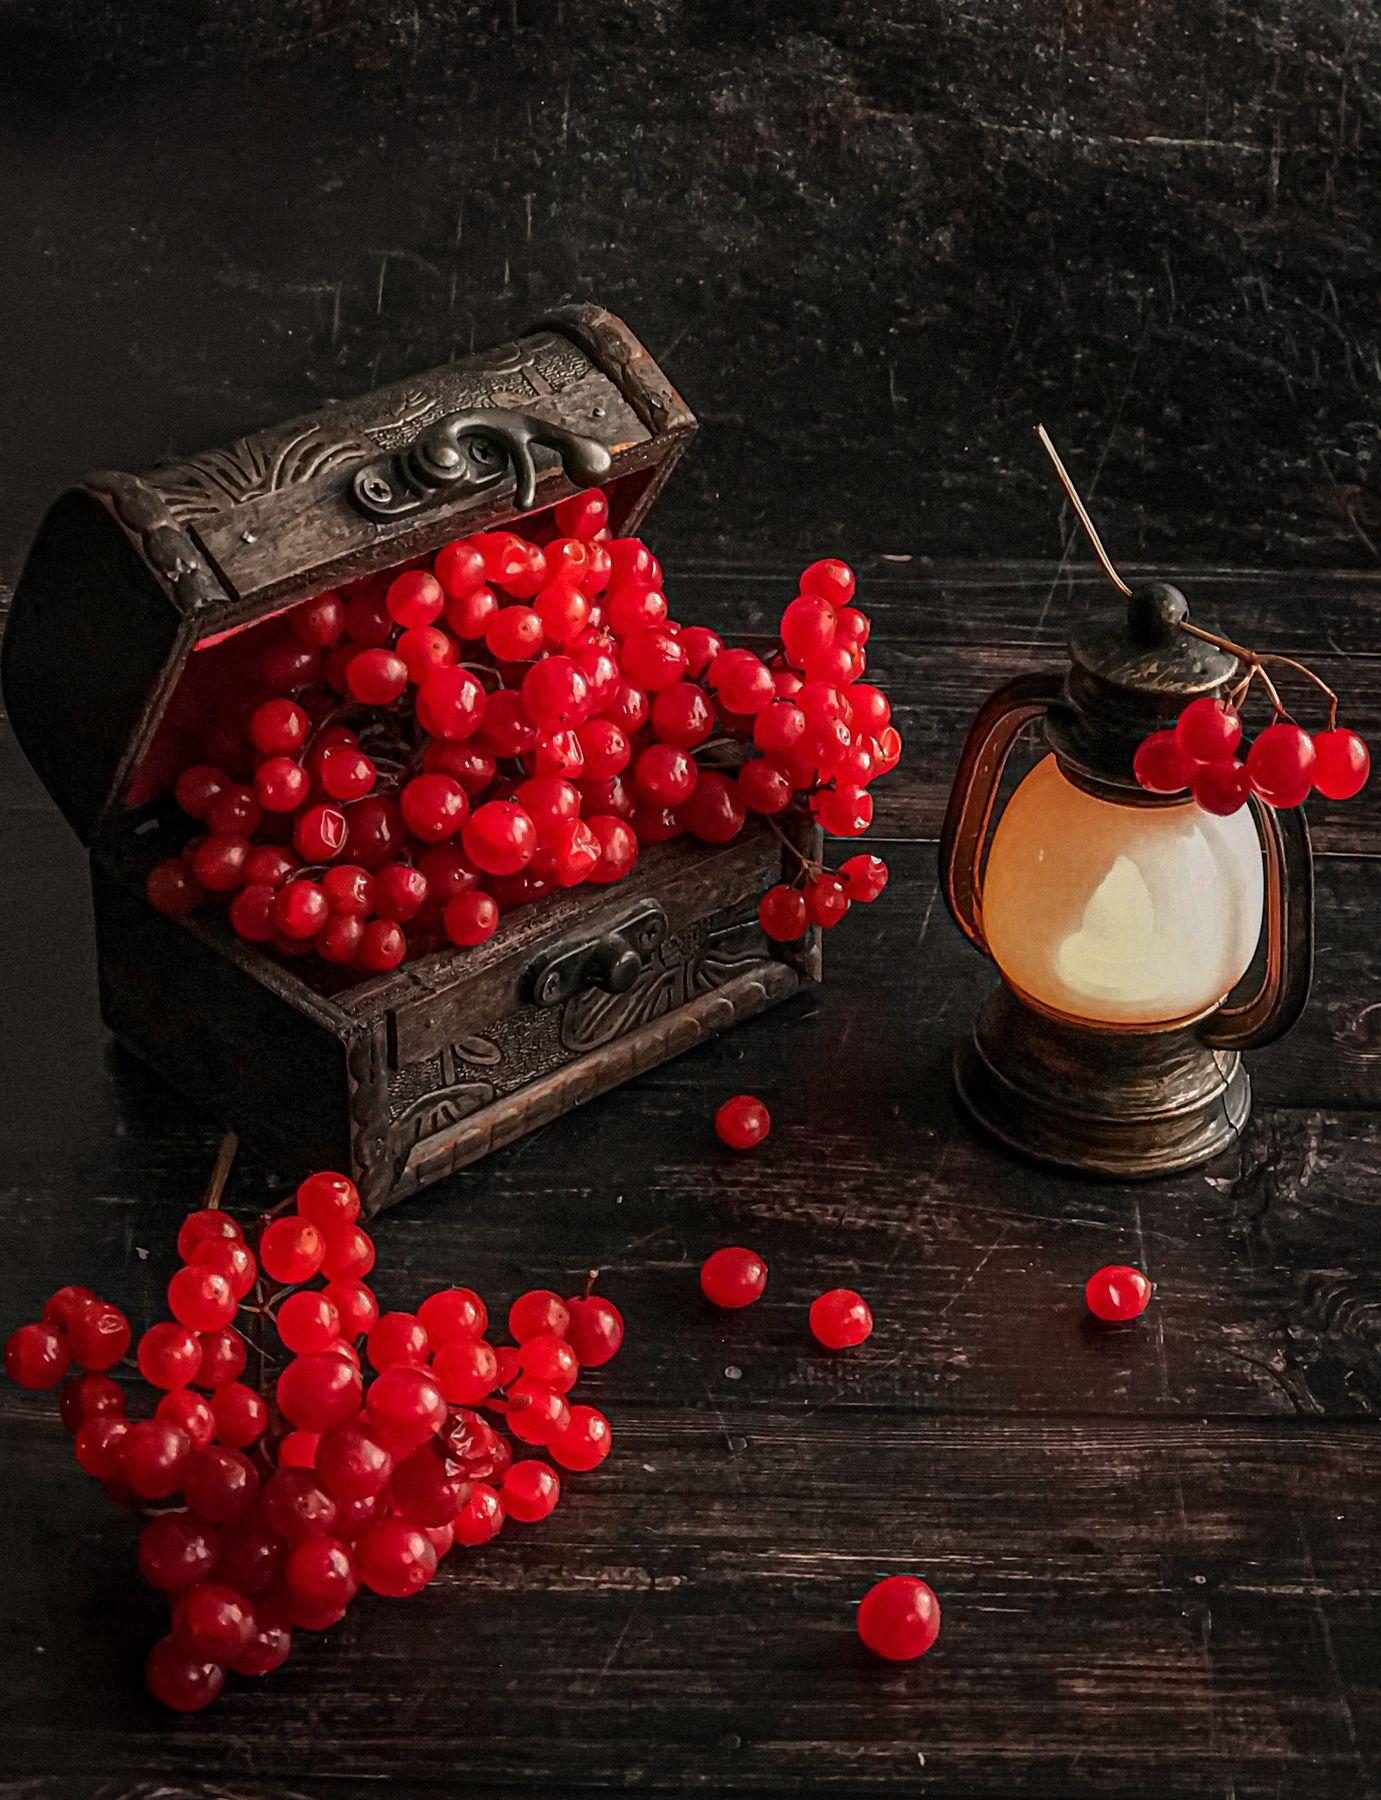 Калина красная Ягоды калина натюрморт